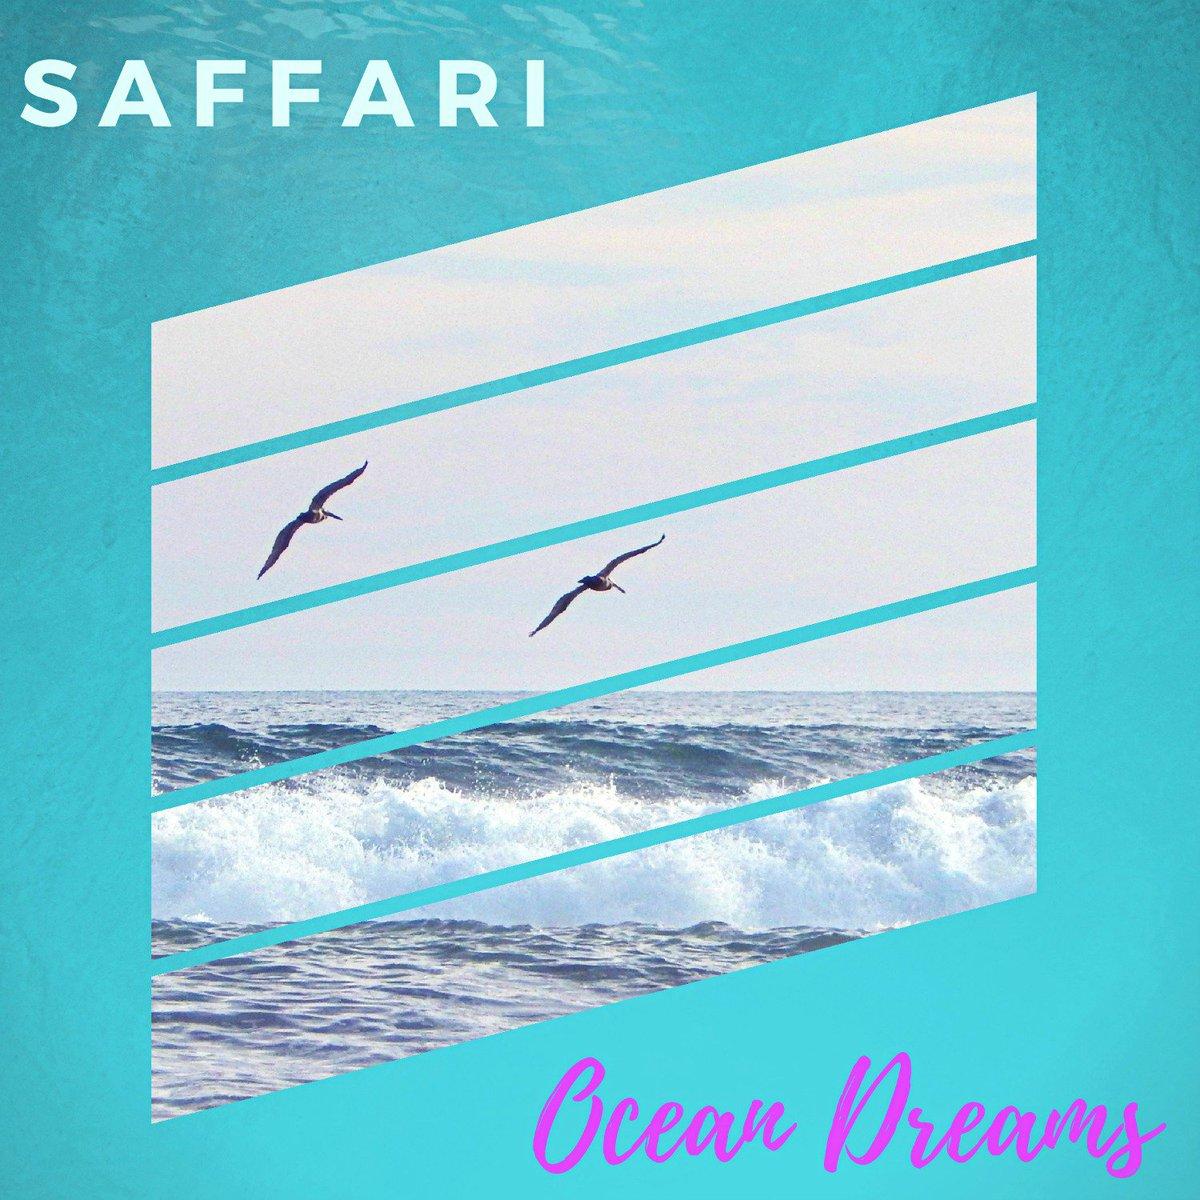 Saffari on Twitter: